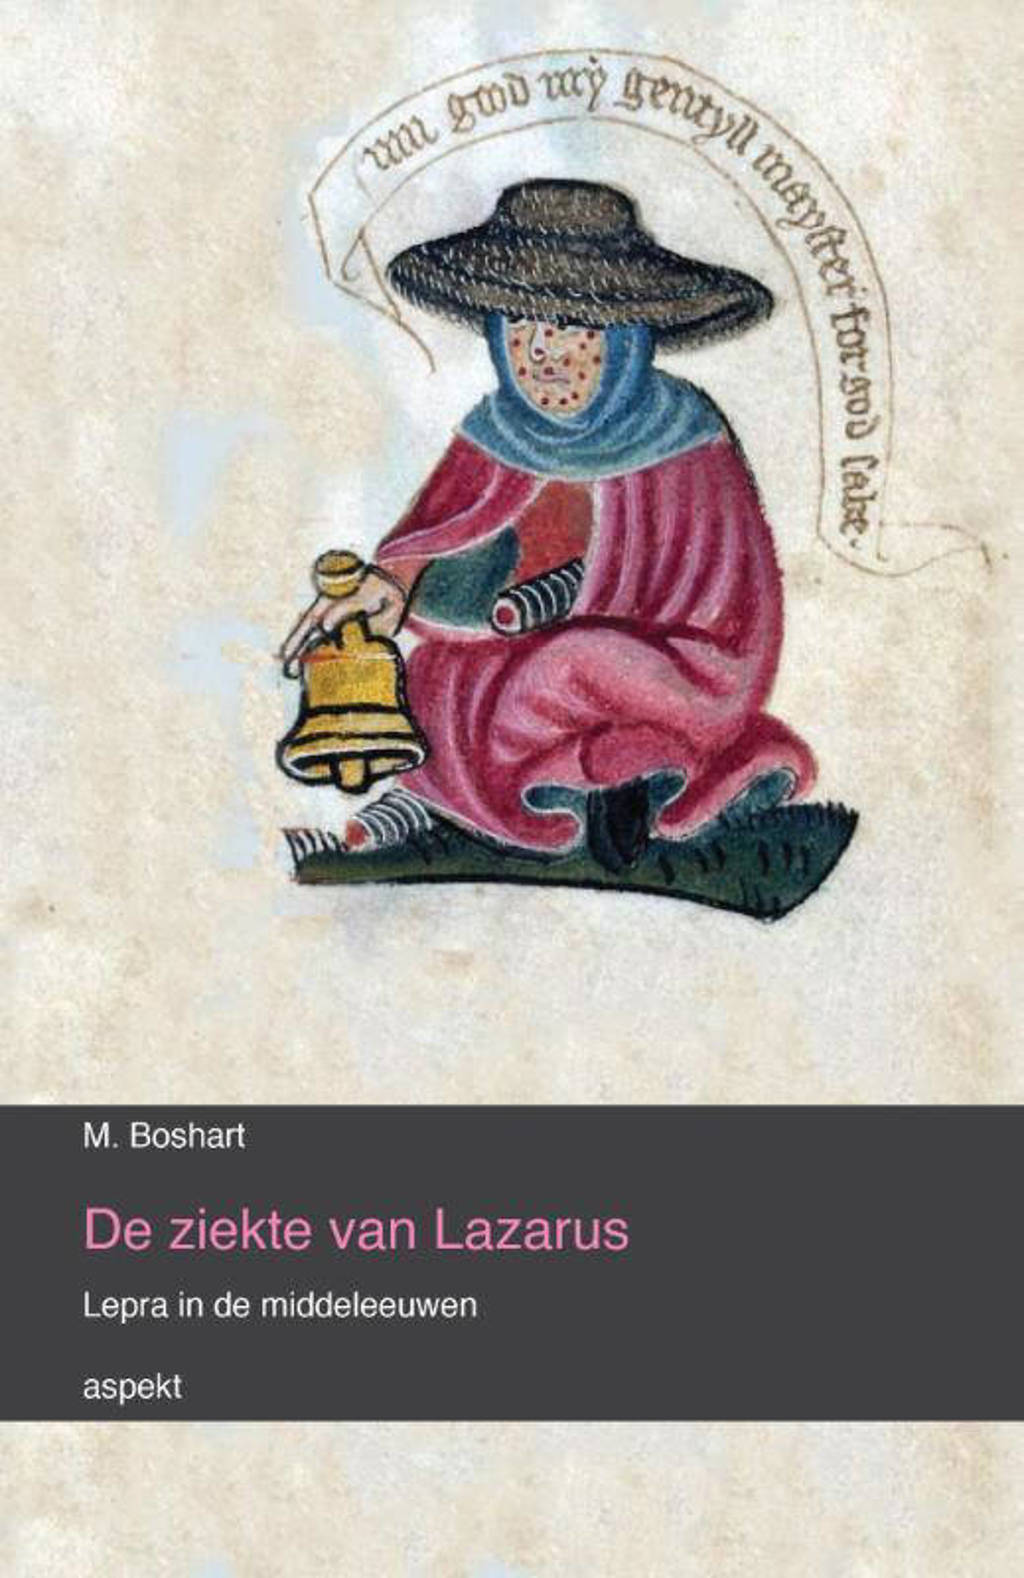 De ziekte van Lazarus - M. Boshart